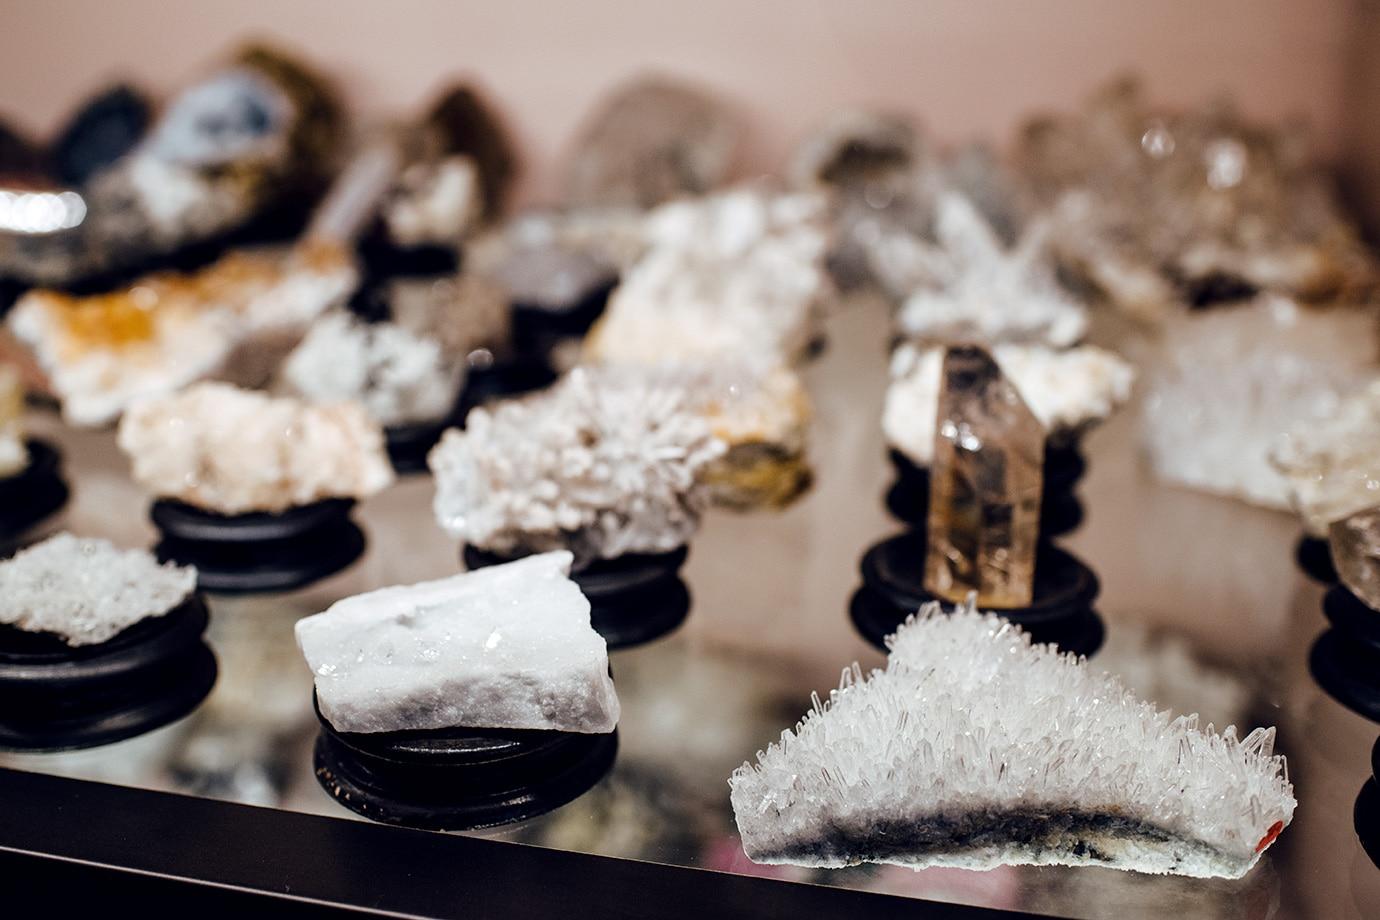 Musée d'histoire naturelle de Venise: collection de cristaux